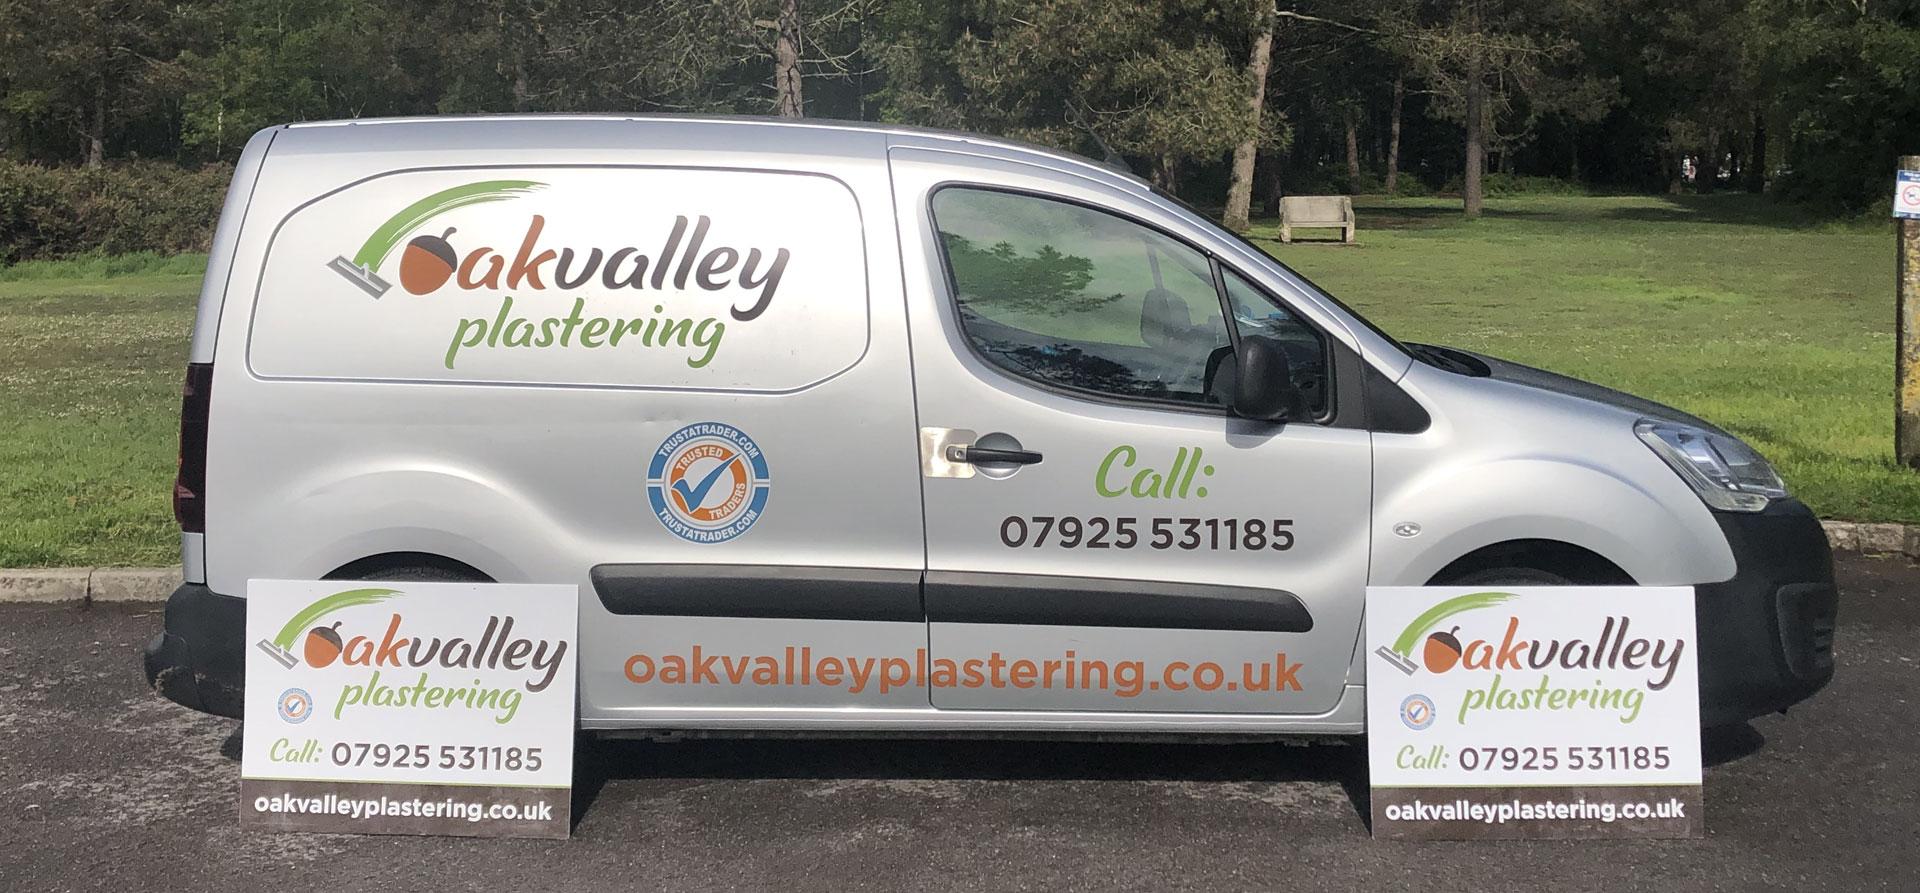 Oak Valley Plastering - Plasterer - Skimming - Rendering